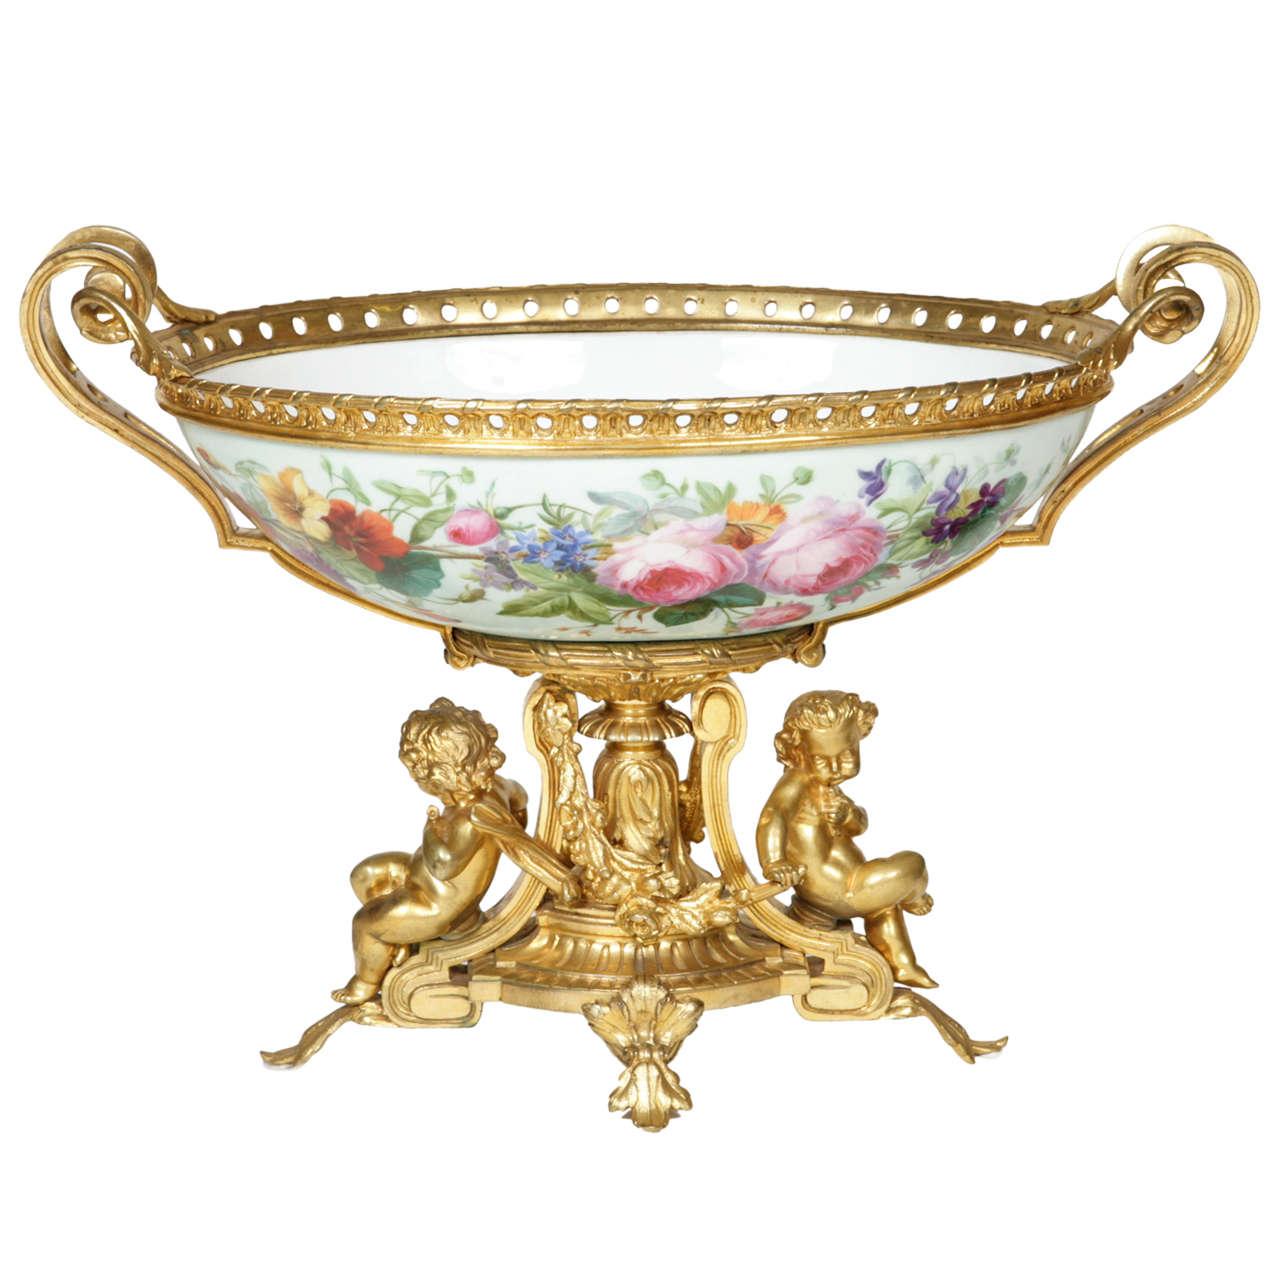 Fine Ormolu and Porcelain Jardiniere Centrepiece